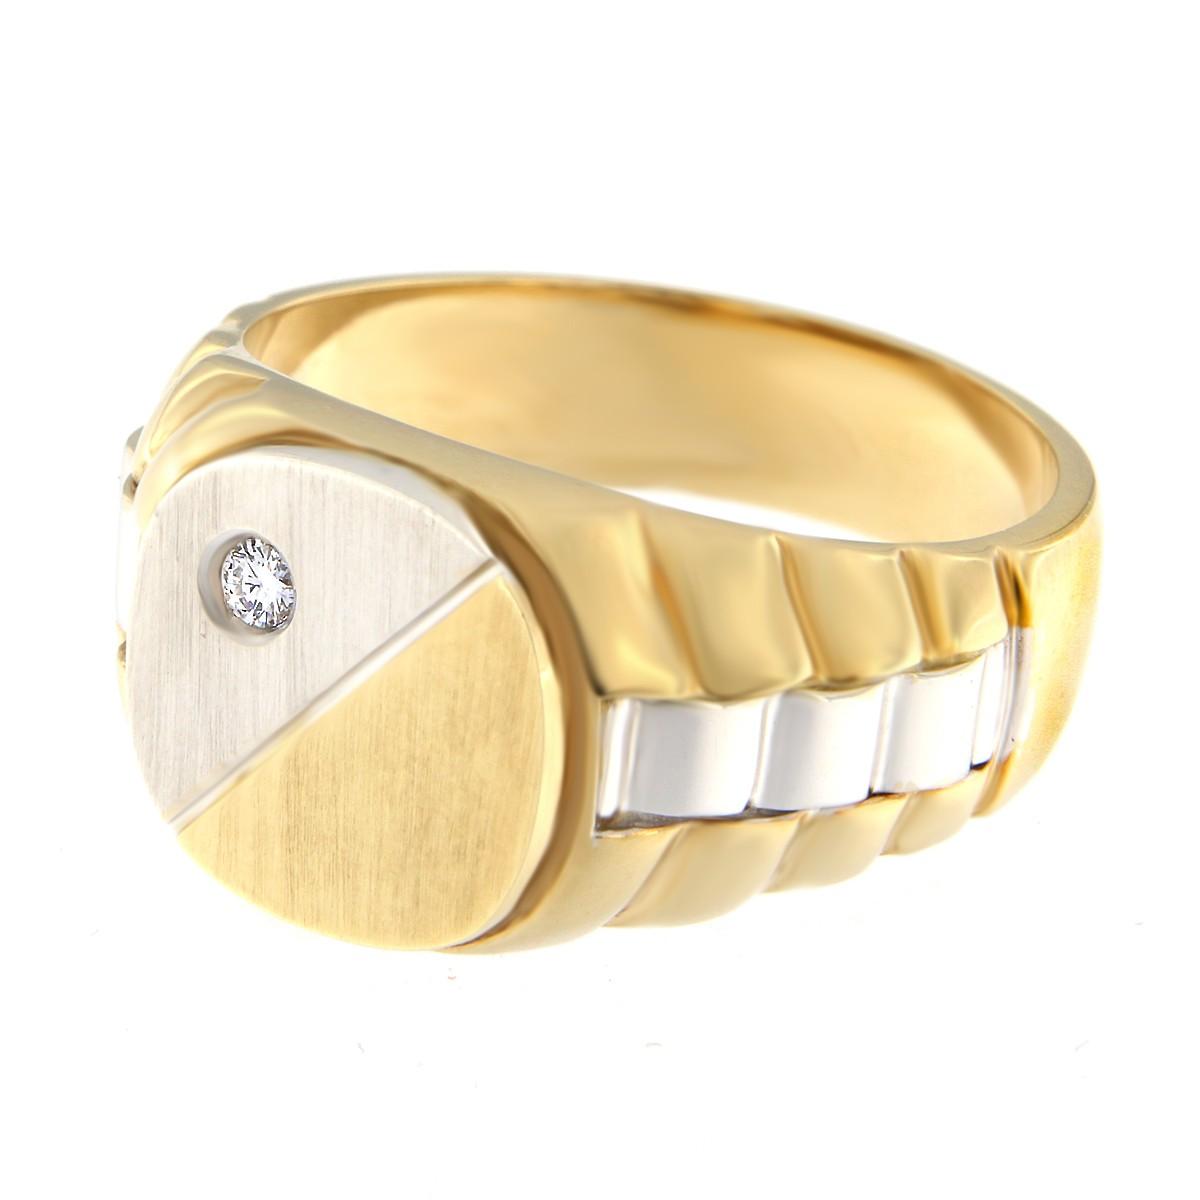 Kullast klotser teemantiga 0,05 ct. Kood: 1742b külgvaade